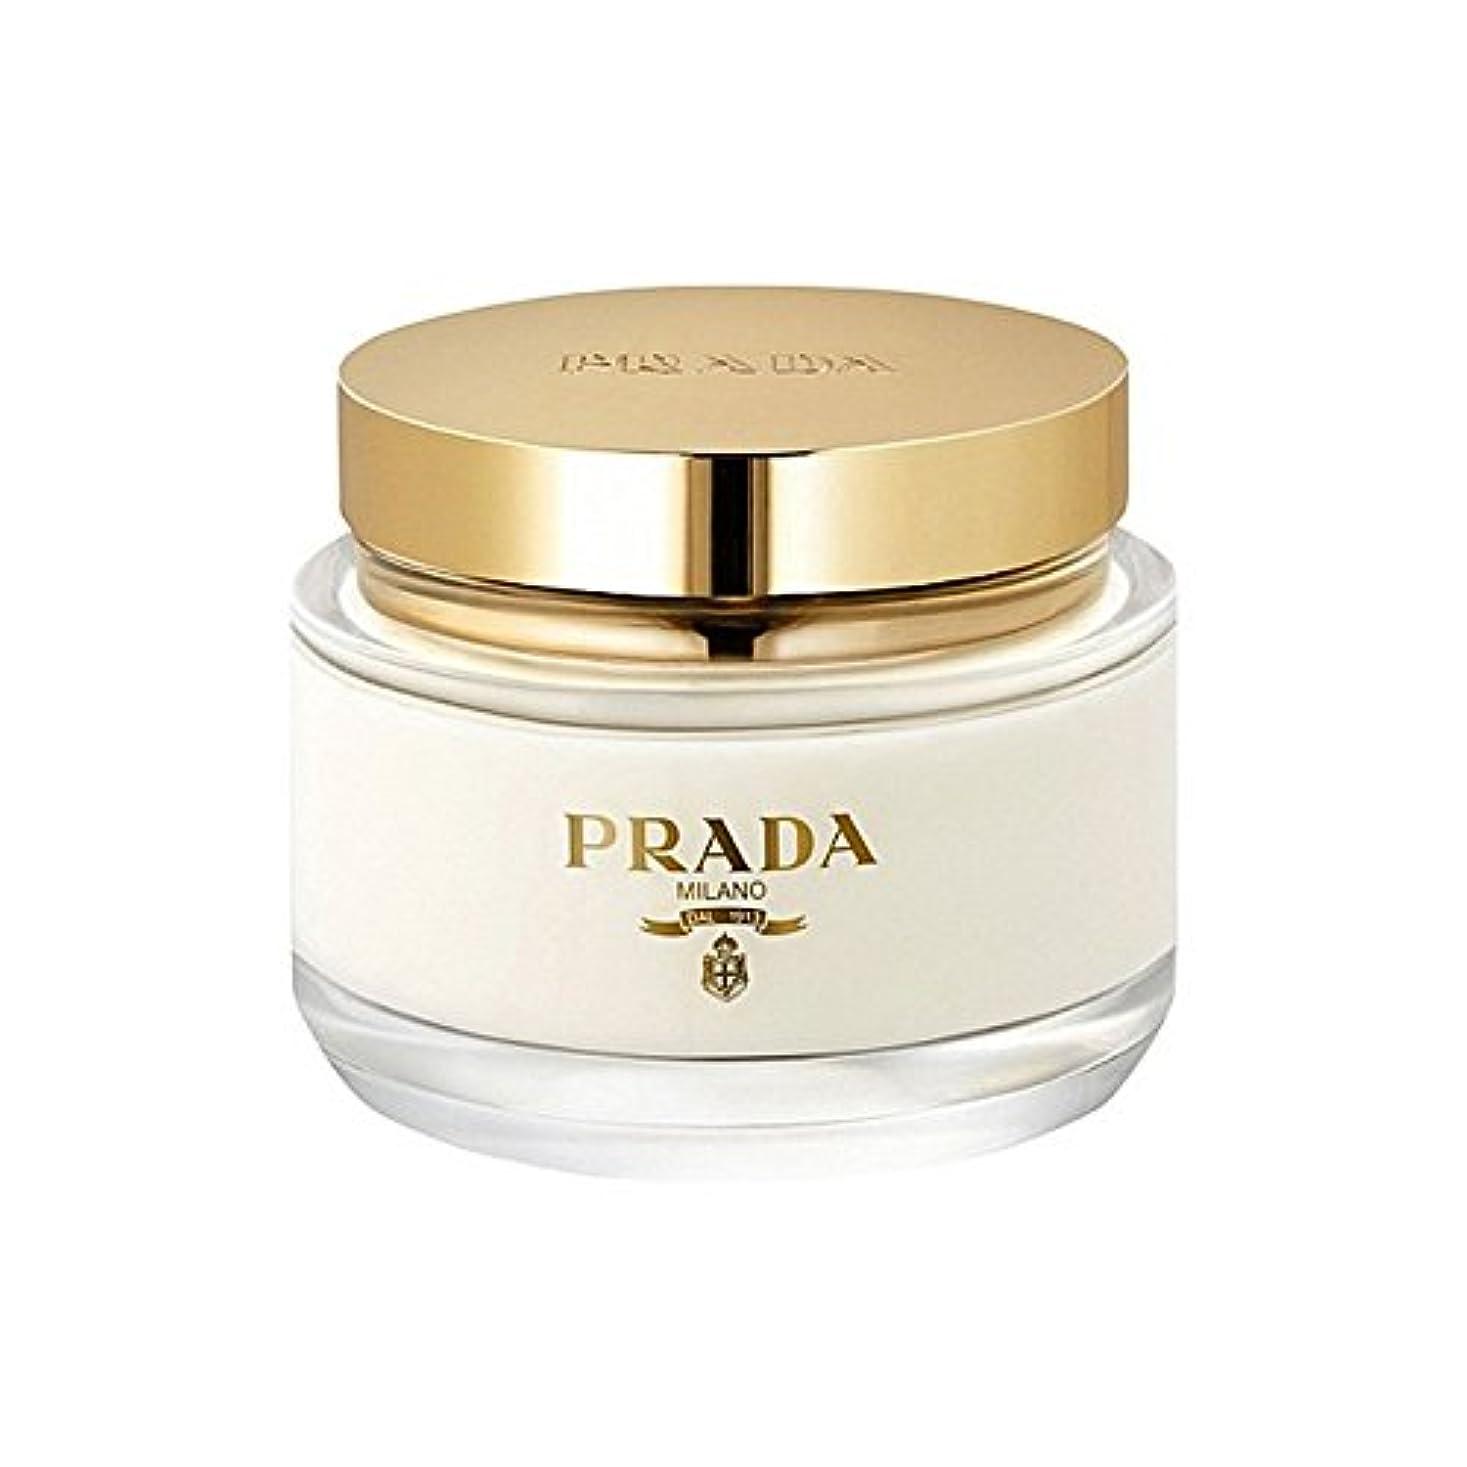 ペンフレンド処方子犬プラダラファムボディクリーム200ミリリットル x4 - Prada La Femme Body Cream 200ml (Pack of 4) [並行輸入品]